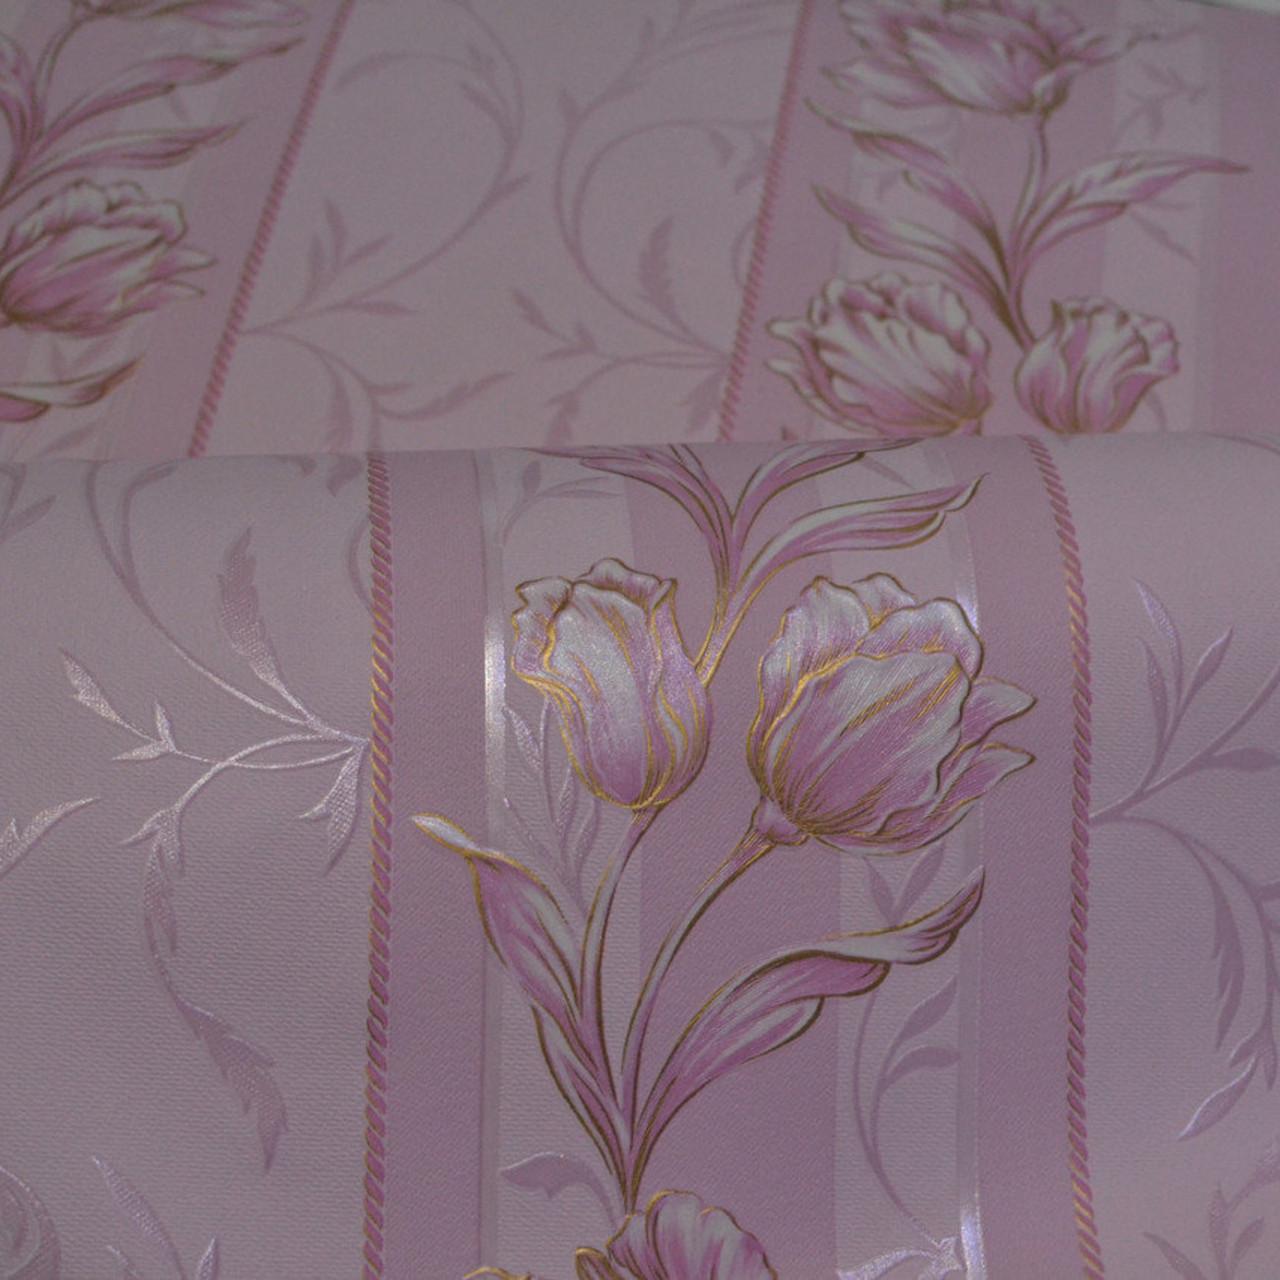 Обои,  обои на стену, дуплексные, розовый, B66,4 Камея 6238-06, 0,53*10м